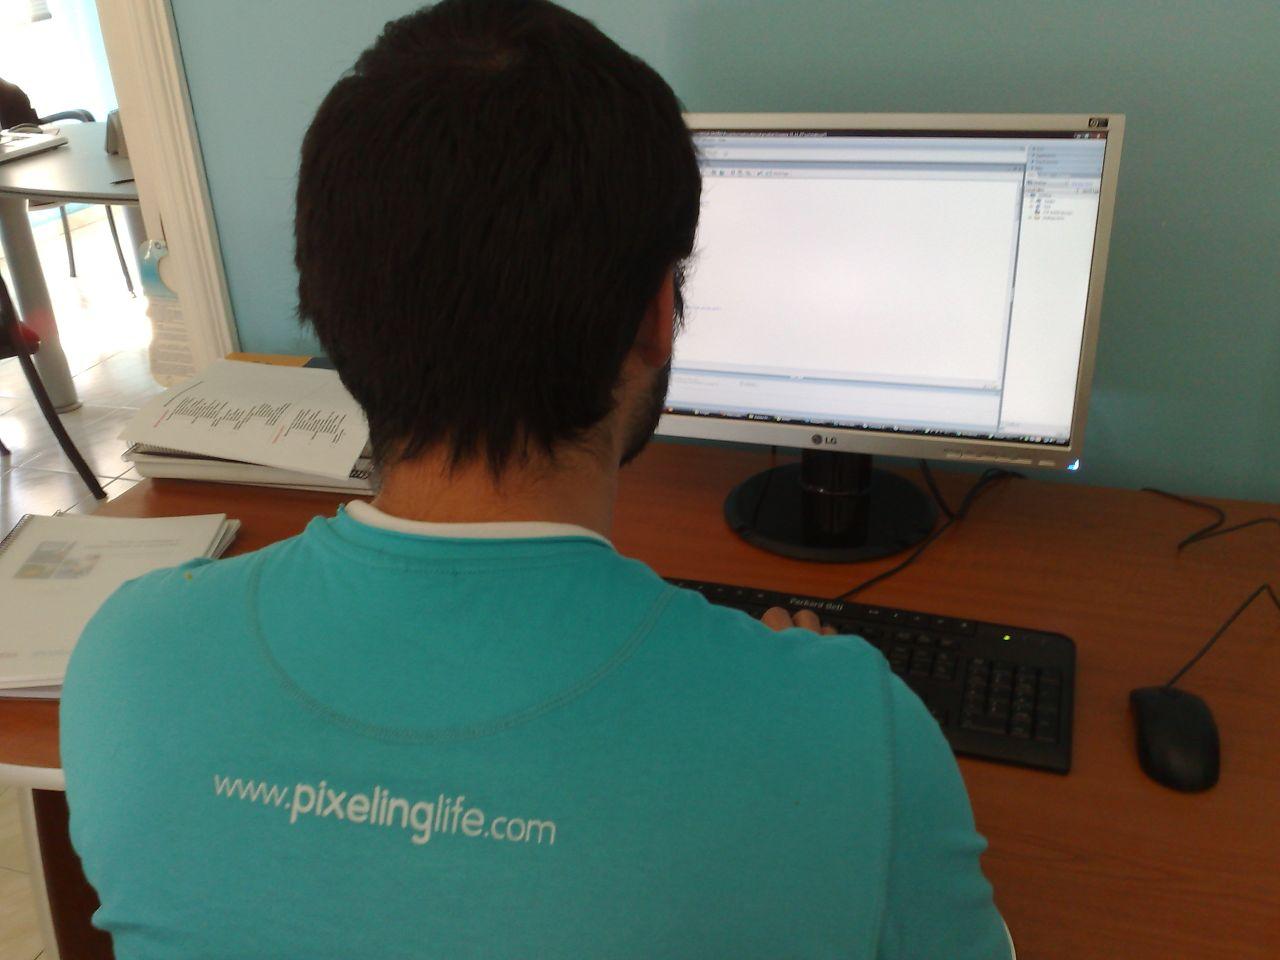 Una persona trabaja con un ordenador